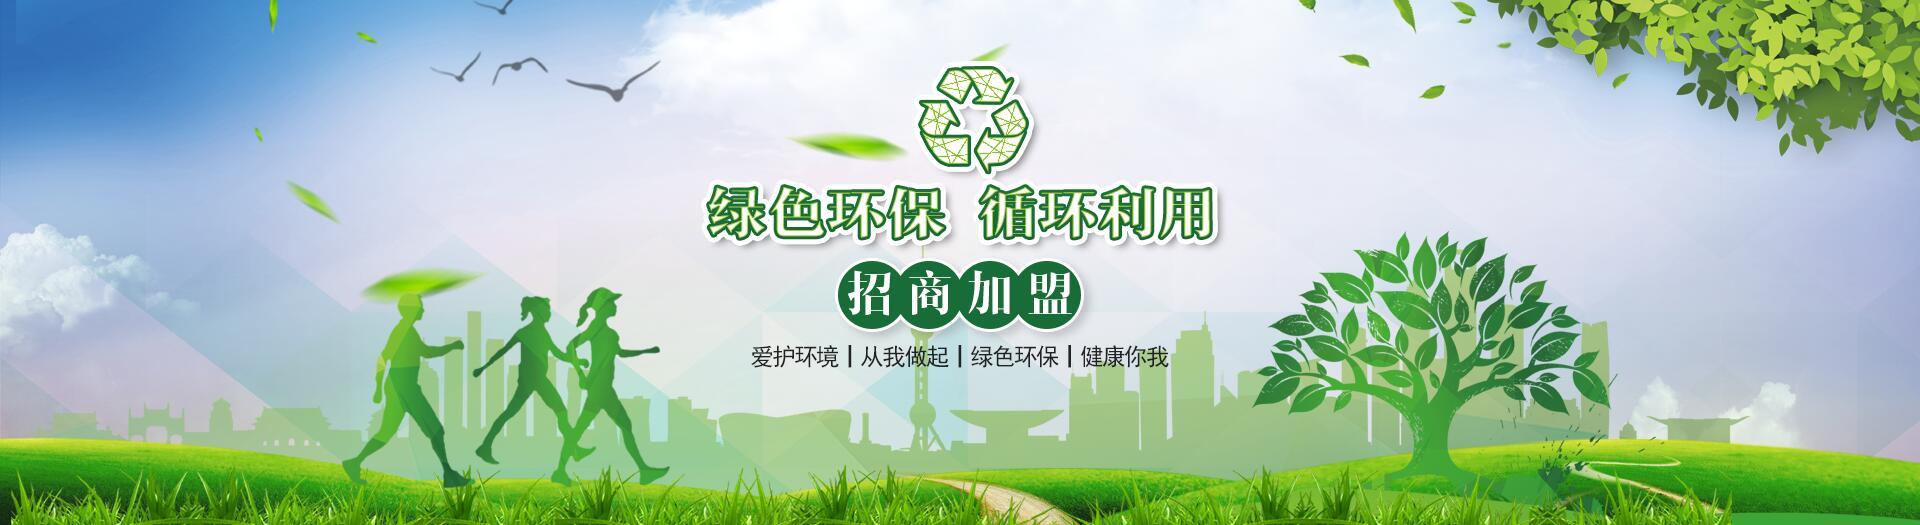 招商加盟-杭州鹏创环保科技有限公司